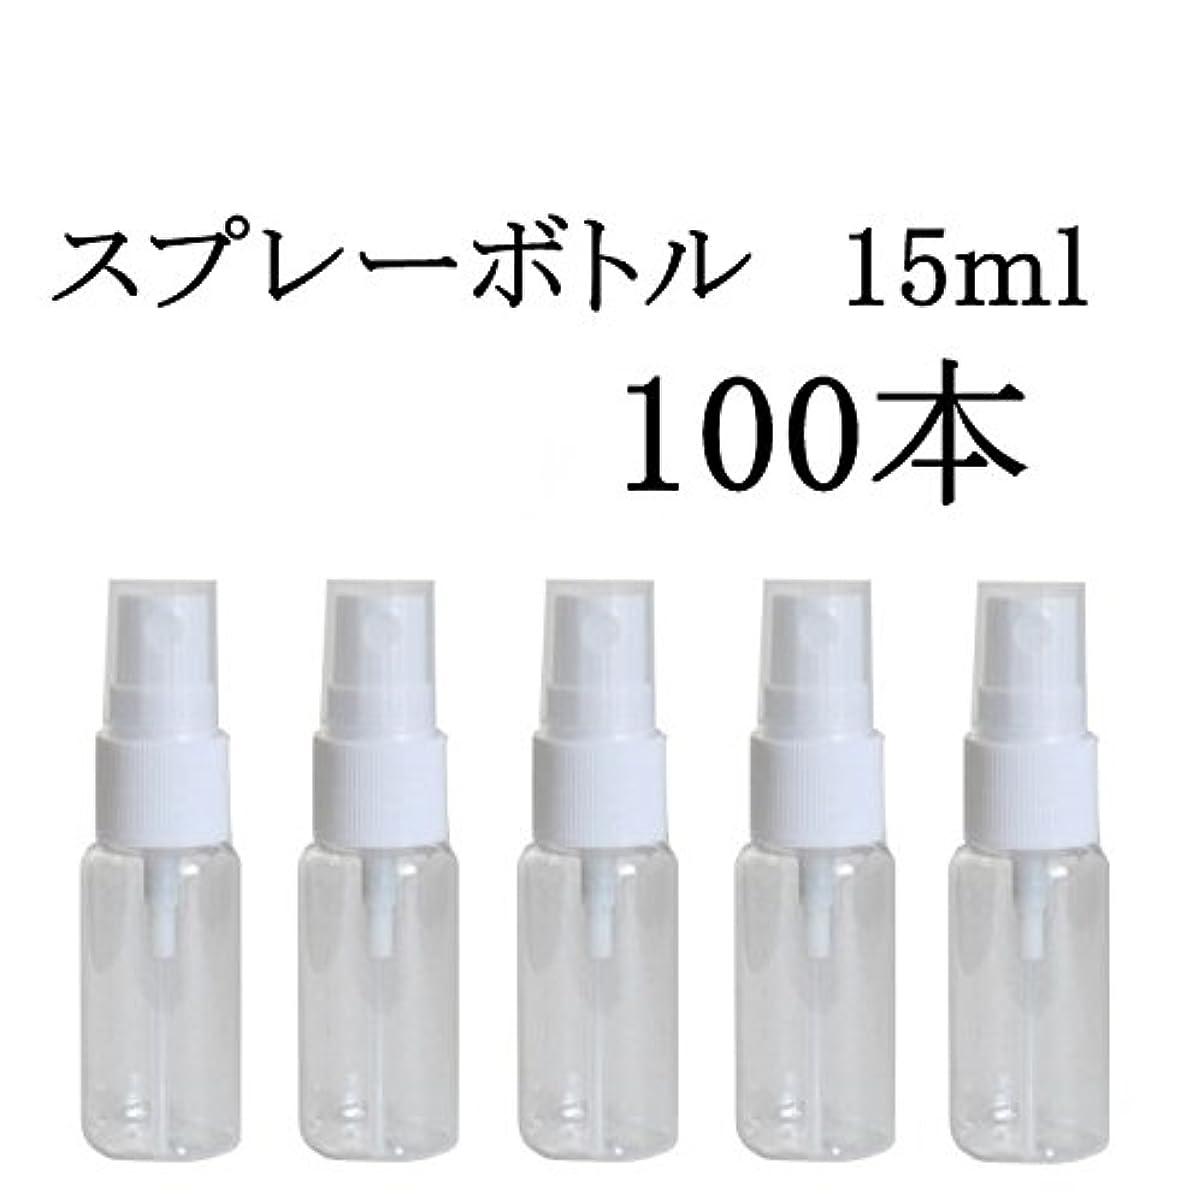 品揃え疲れた工夫するhappy fountain スプレーボトル 15ml 【100本】 プラスチック容器